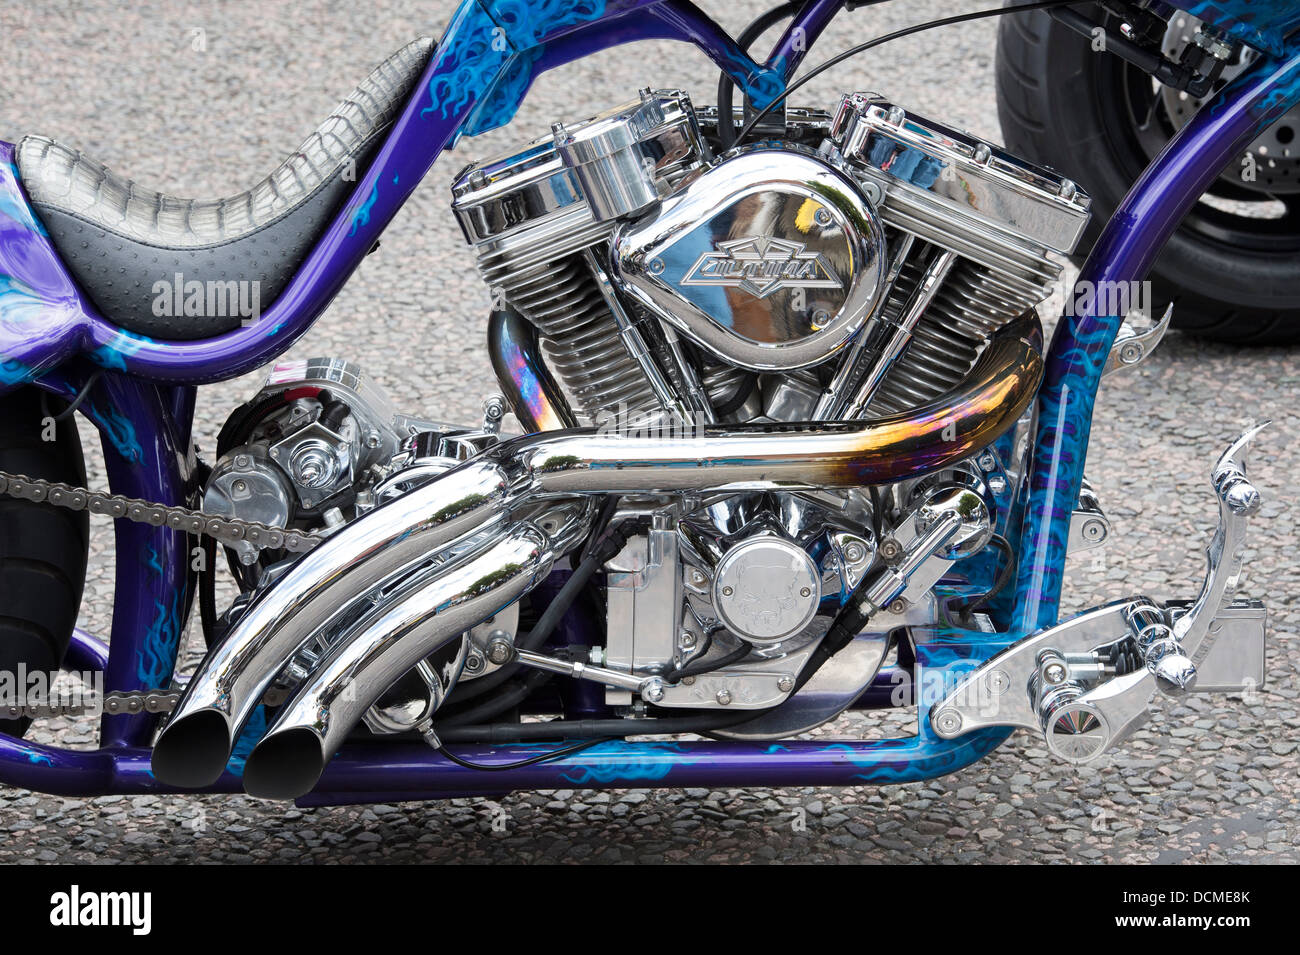 Custom chopper motorcycle engine - Stock Image